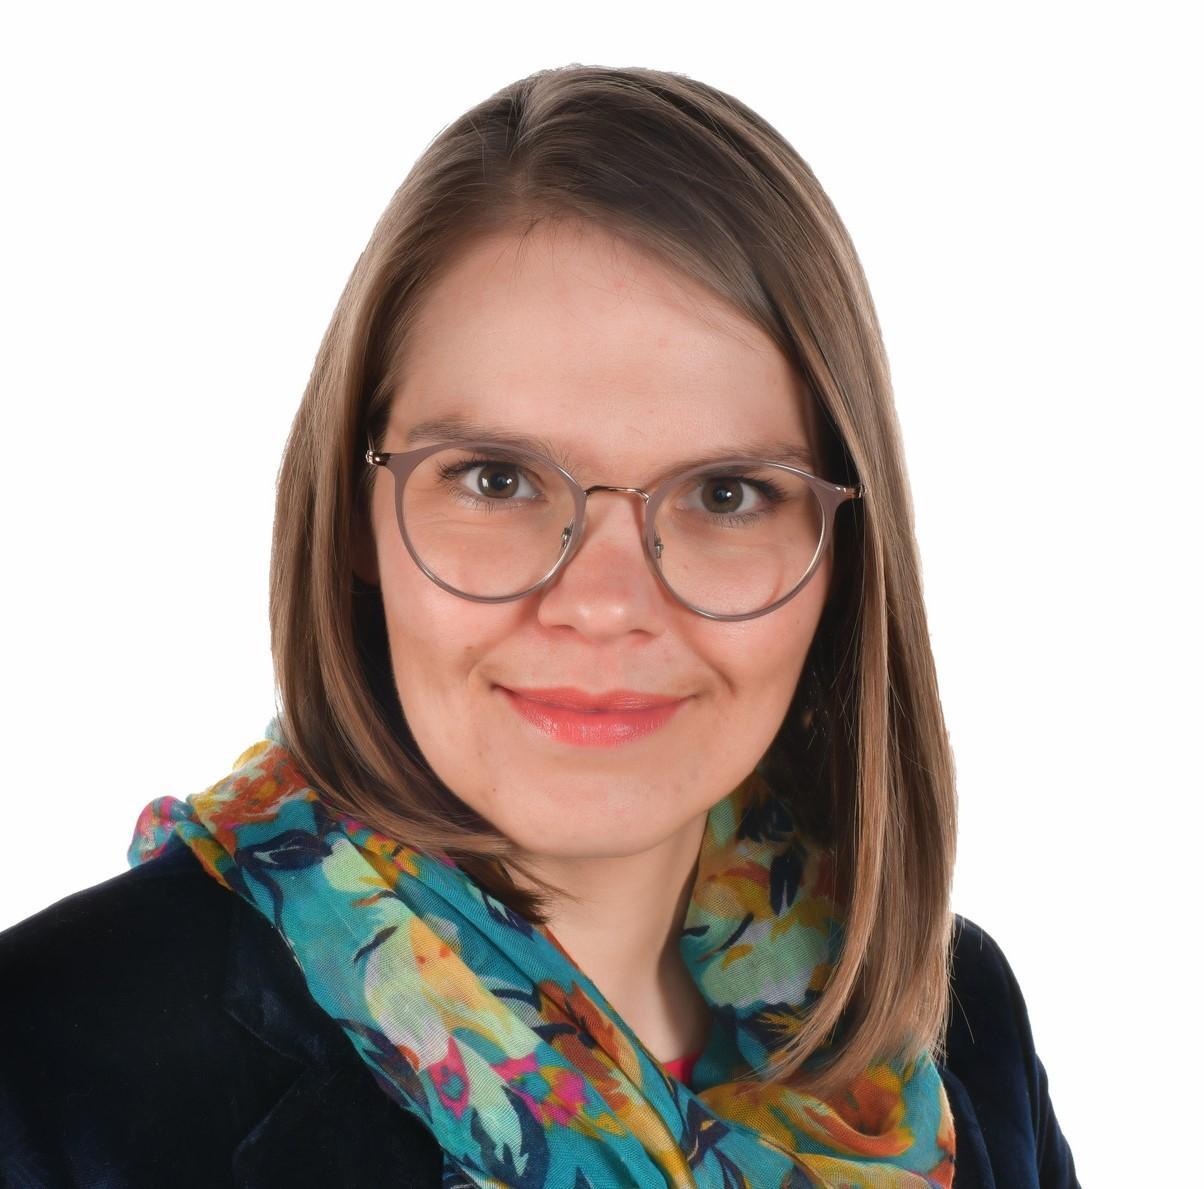 Annemarie Müllauer